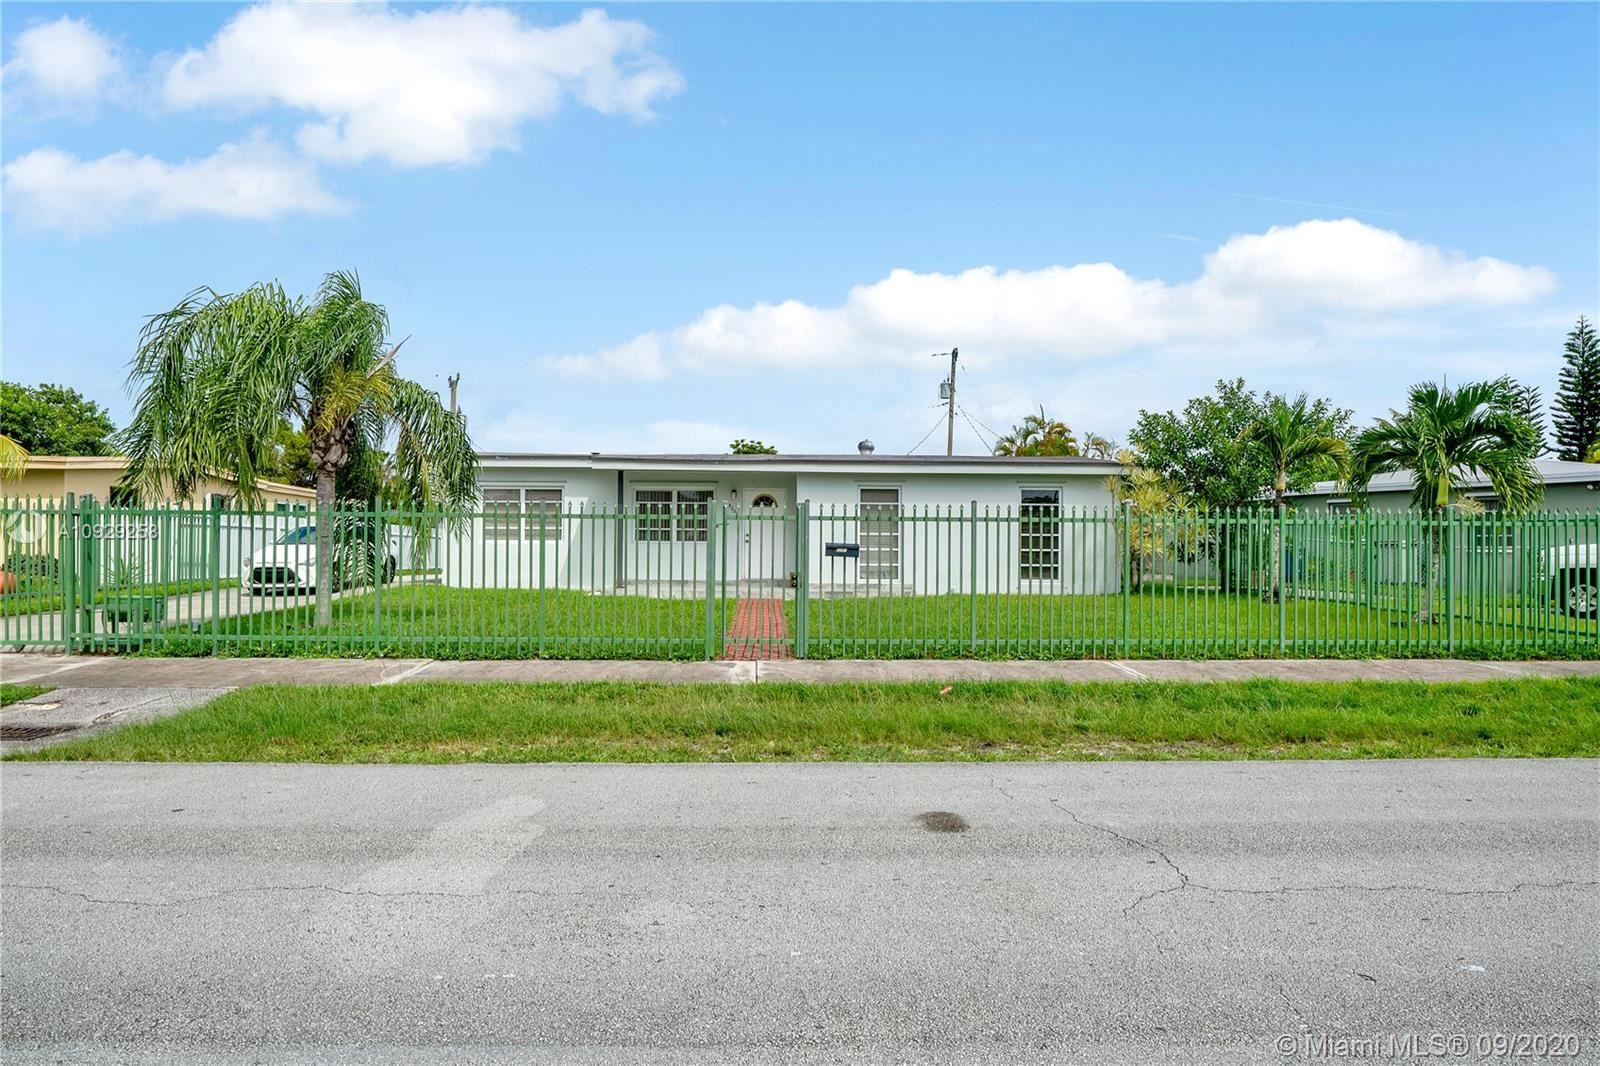 5201 SW 112th Pl, Miami, FL 33165 - #: A10929258